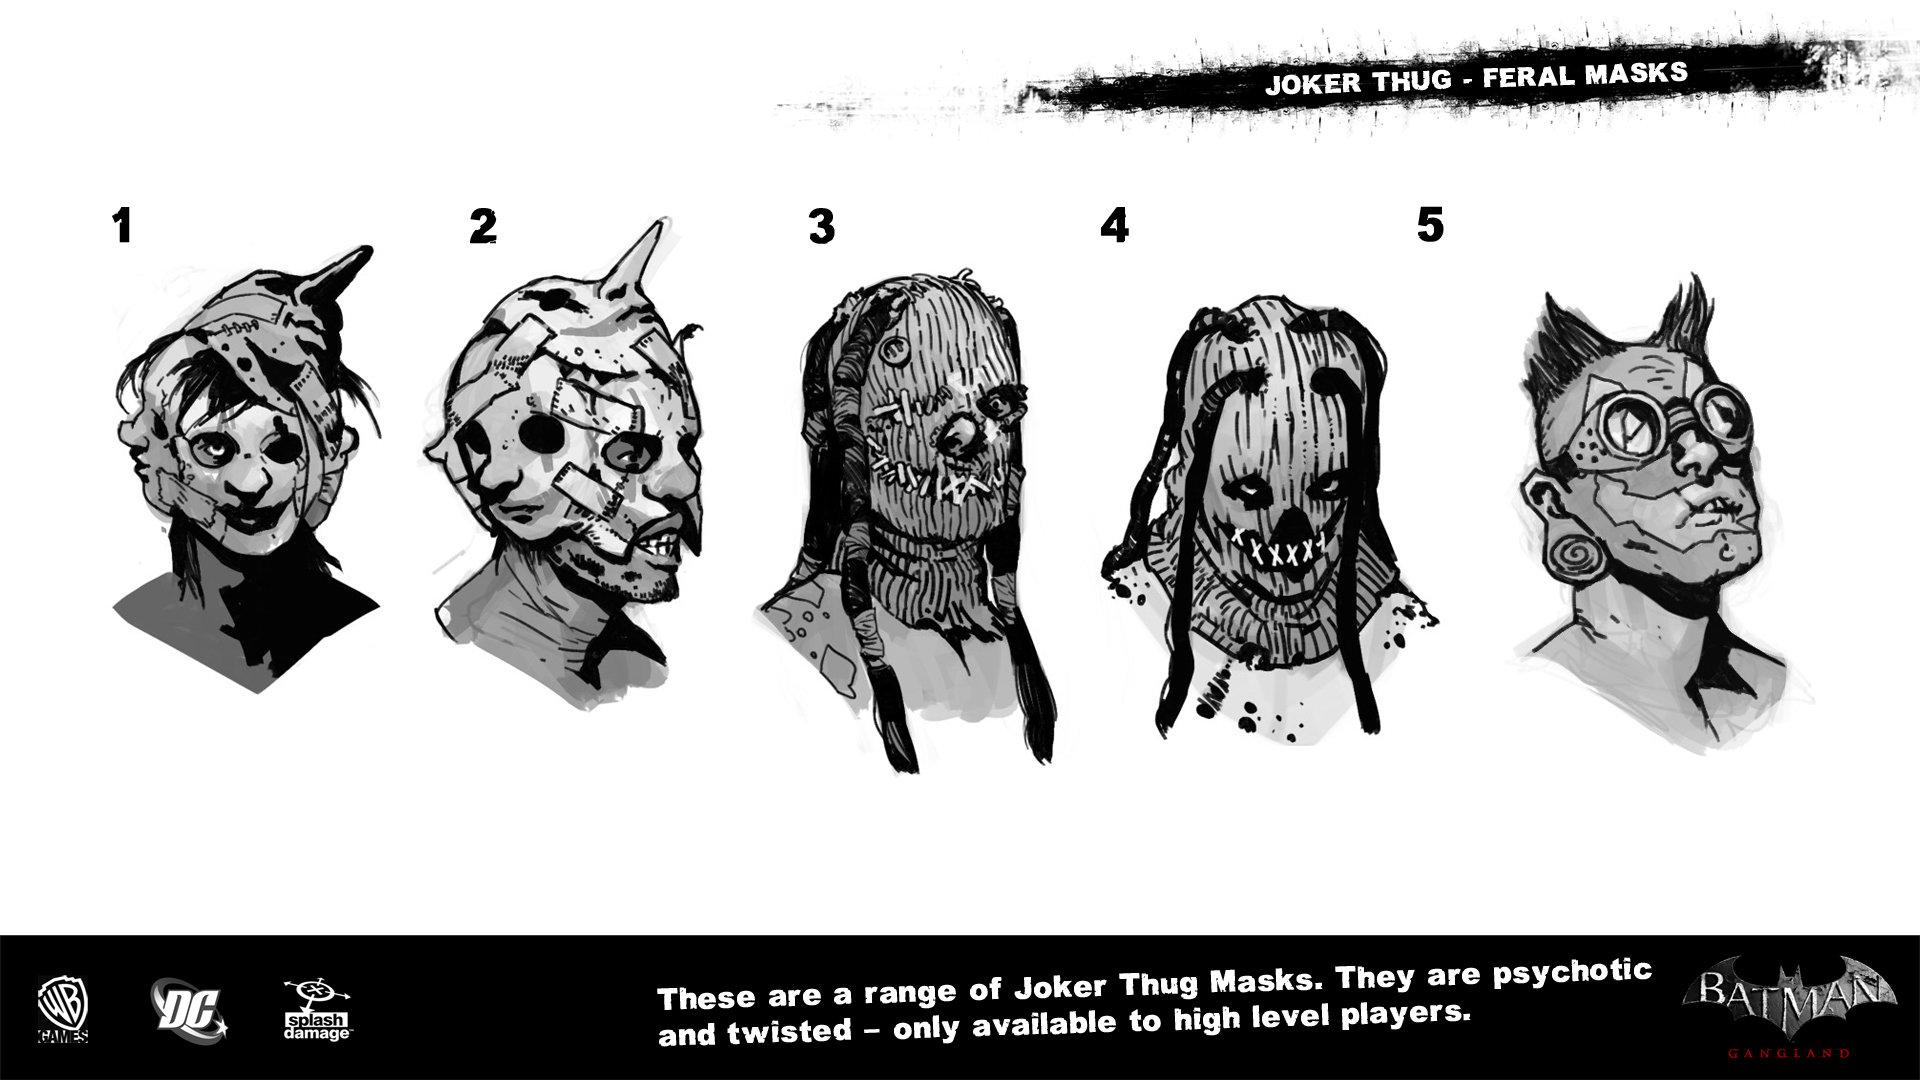 Manuel augusto dischinger moura splashdamage joker thug feral masks